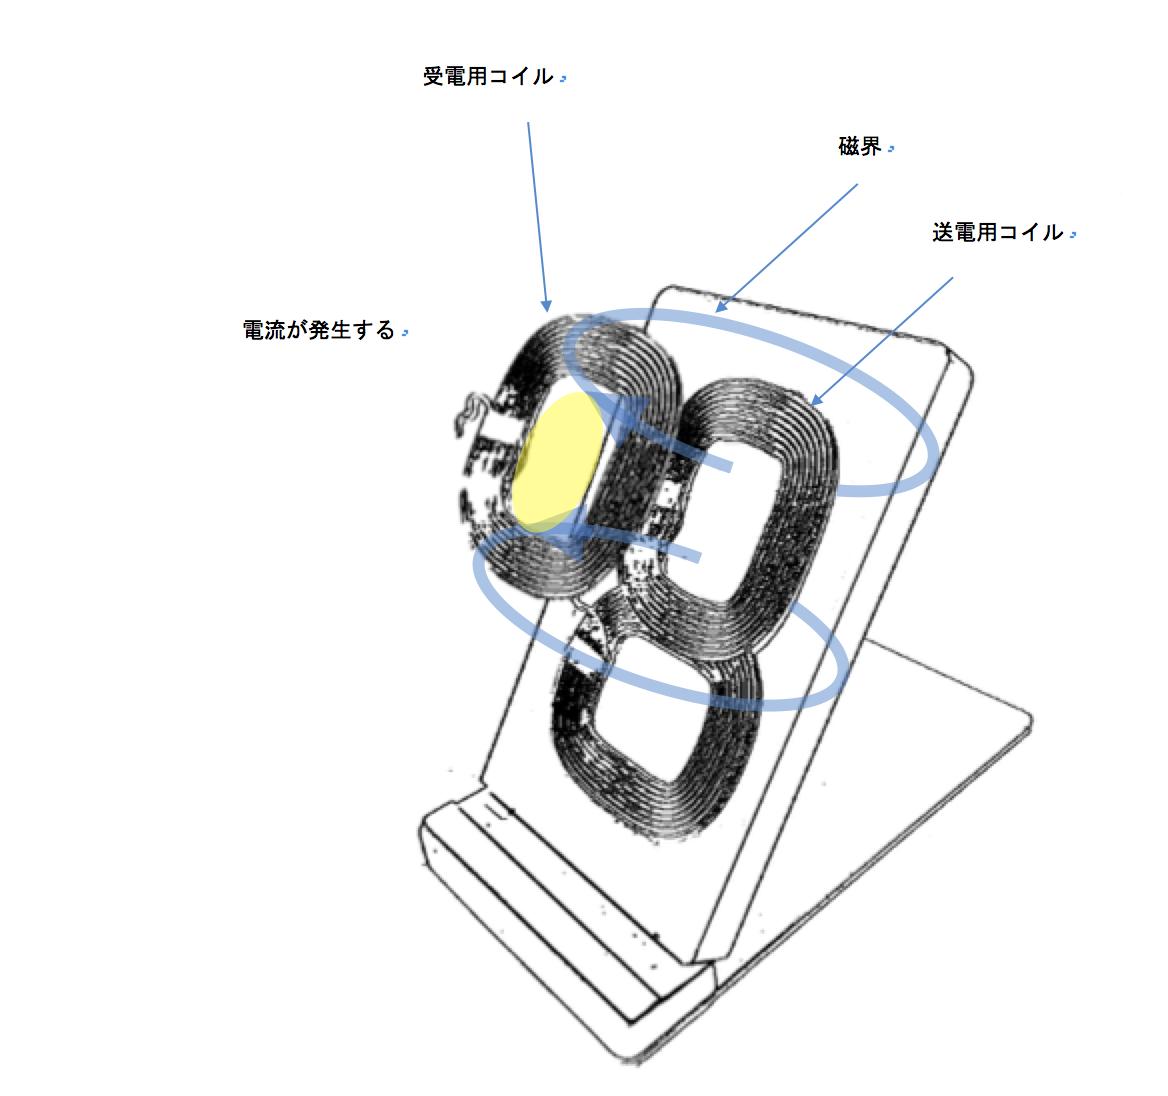 ワイヤレス充電仕組みの図